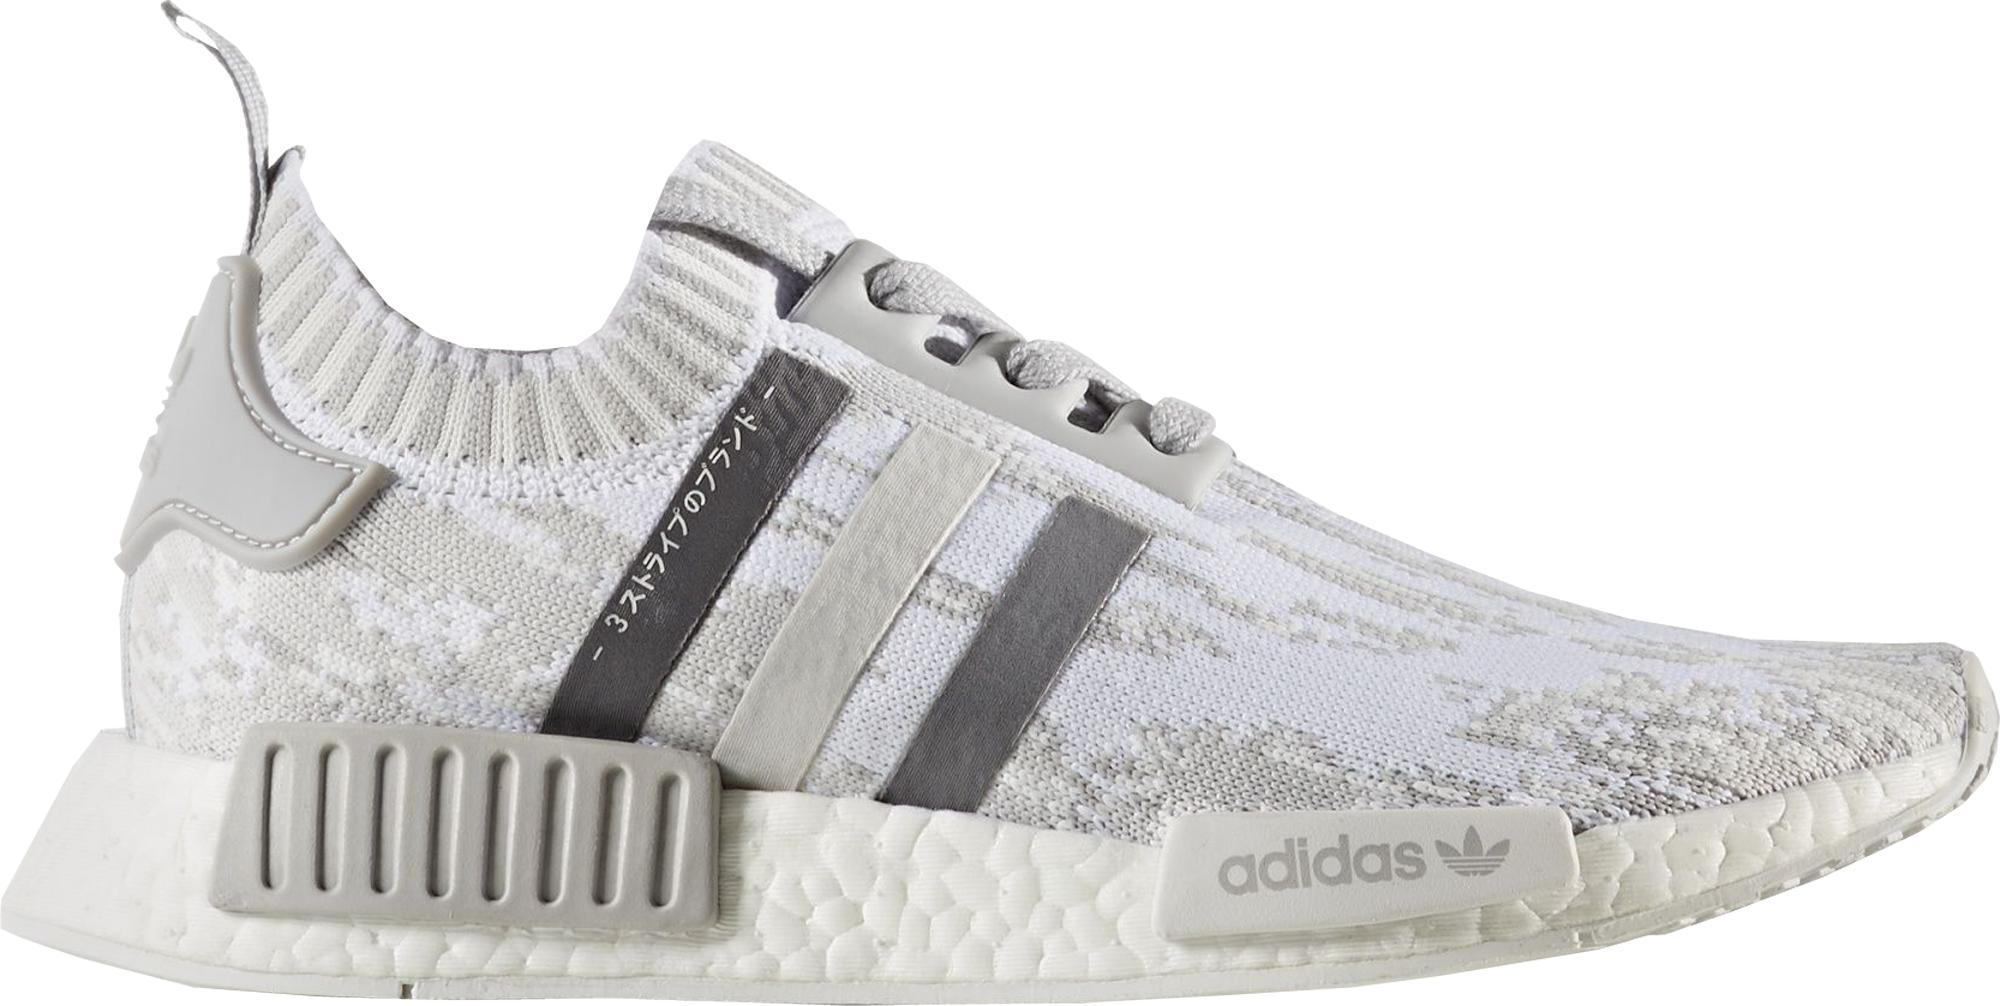 adidas nmd r1 glitch mimetico grigio (w)